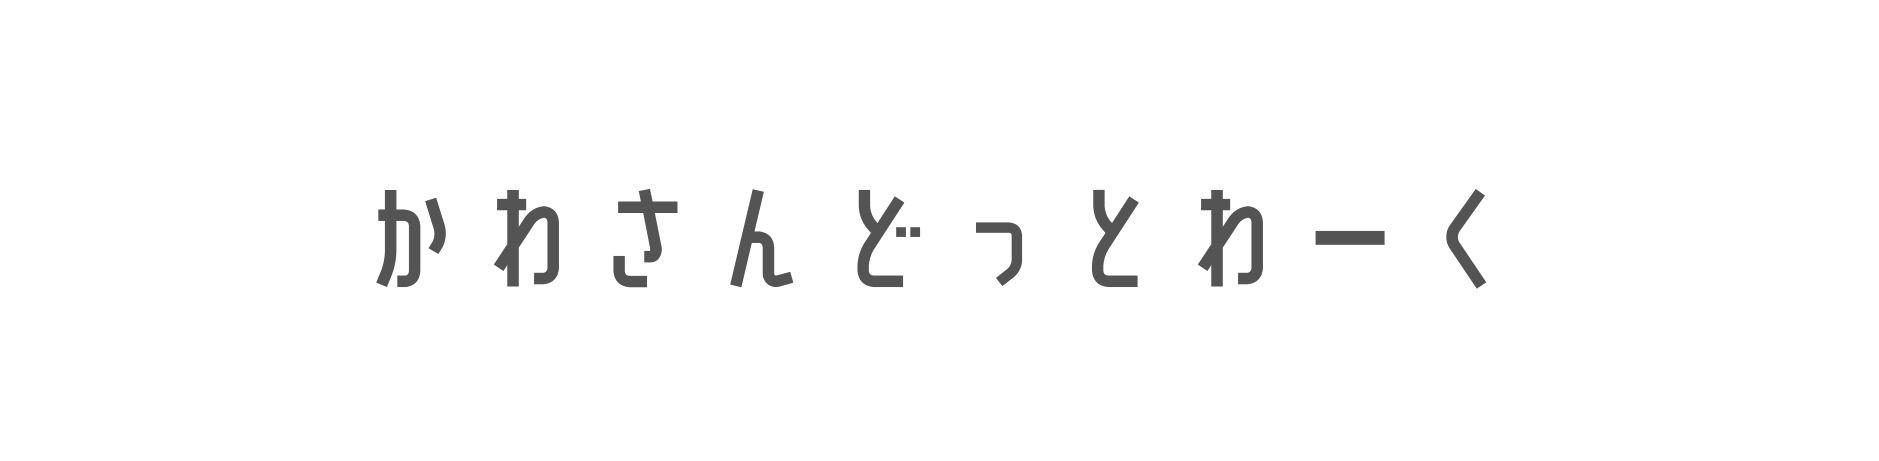 かわさんどっとわーくタイトルロゴ